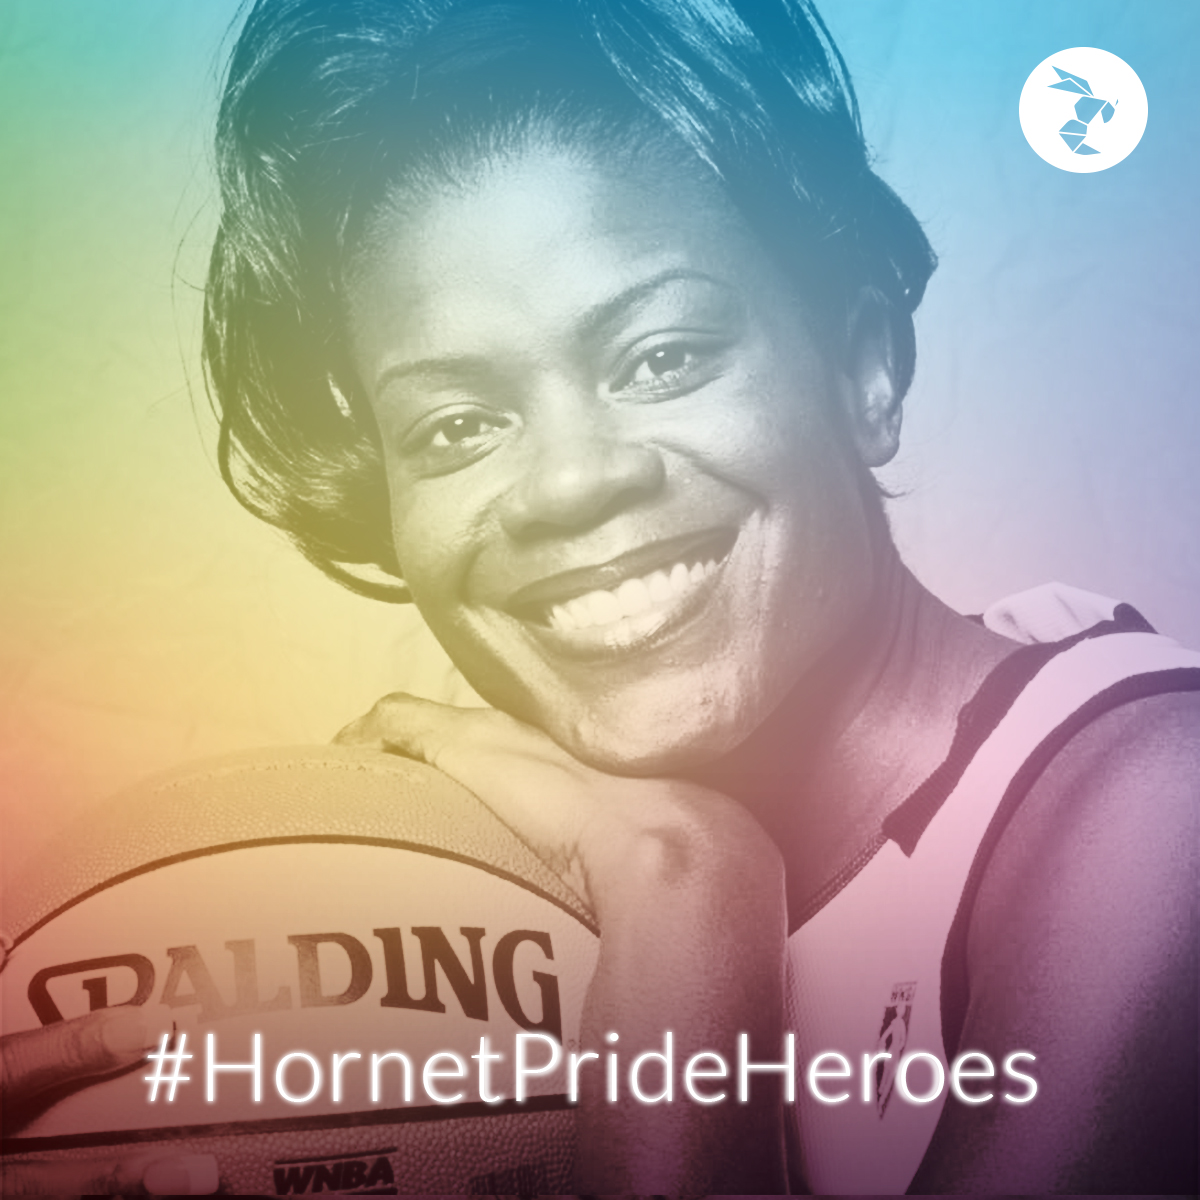 Hornet Pride Heroes sheryl swoopes